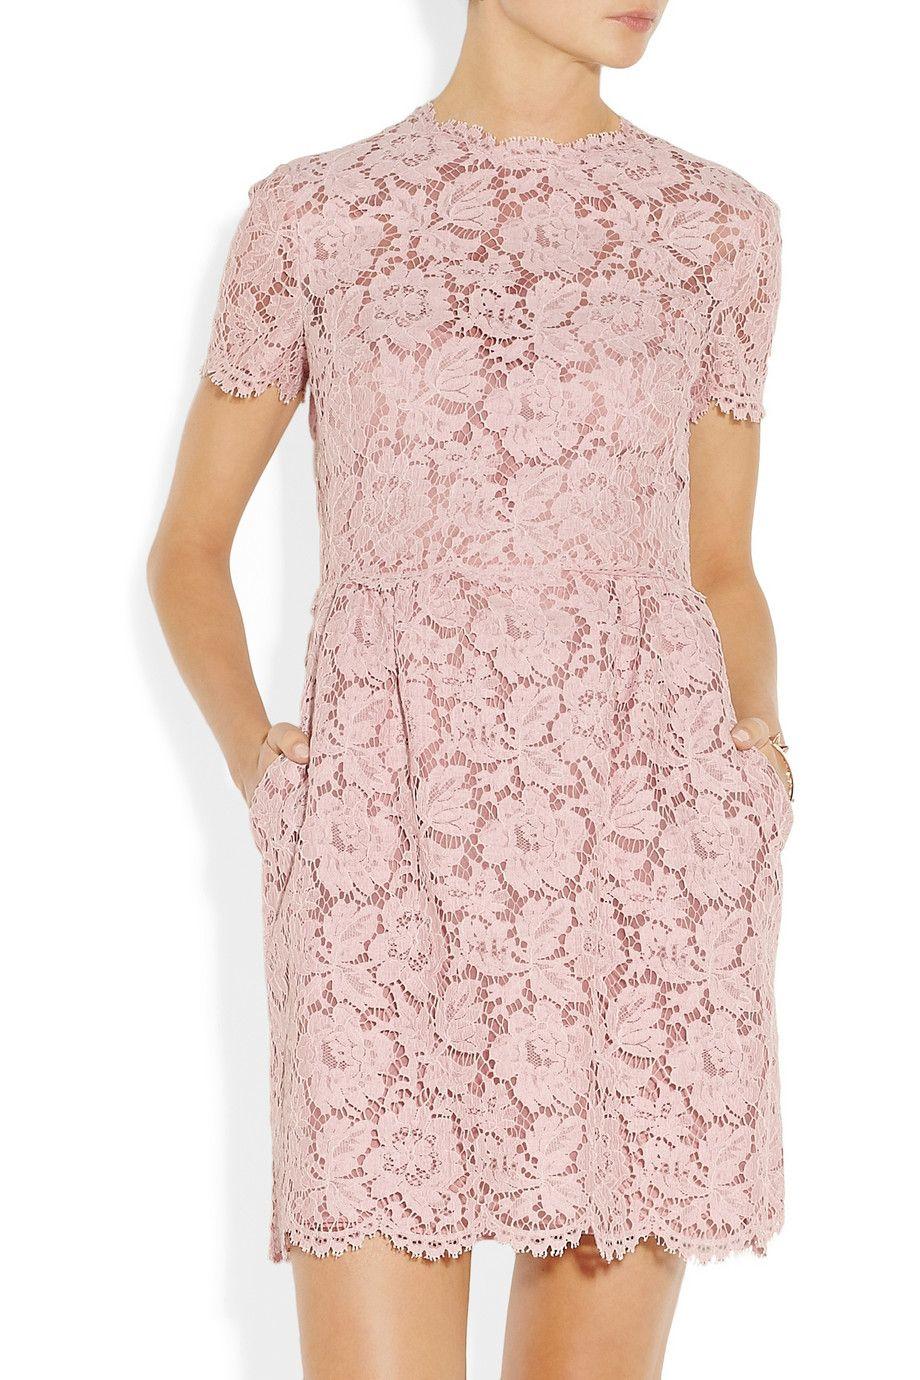 Valentino kleid pink